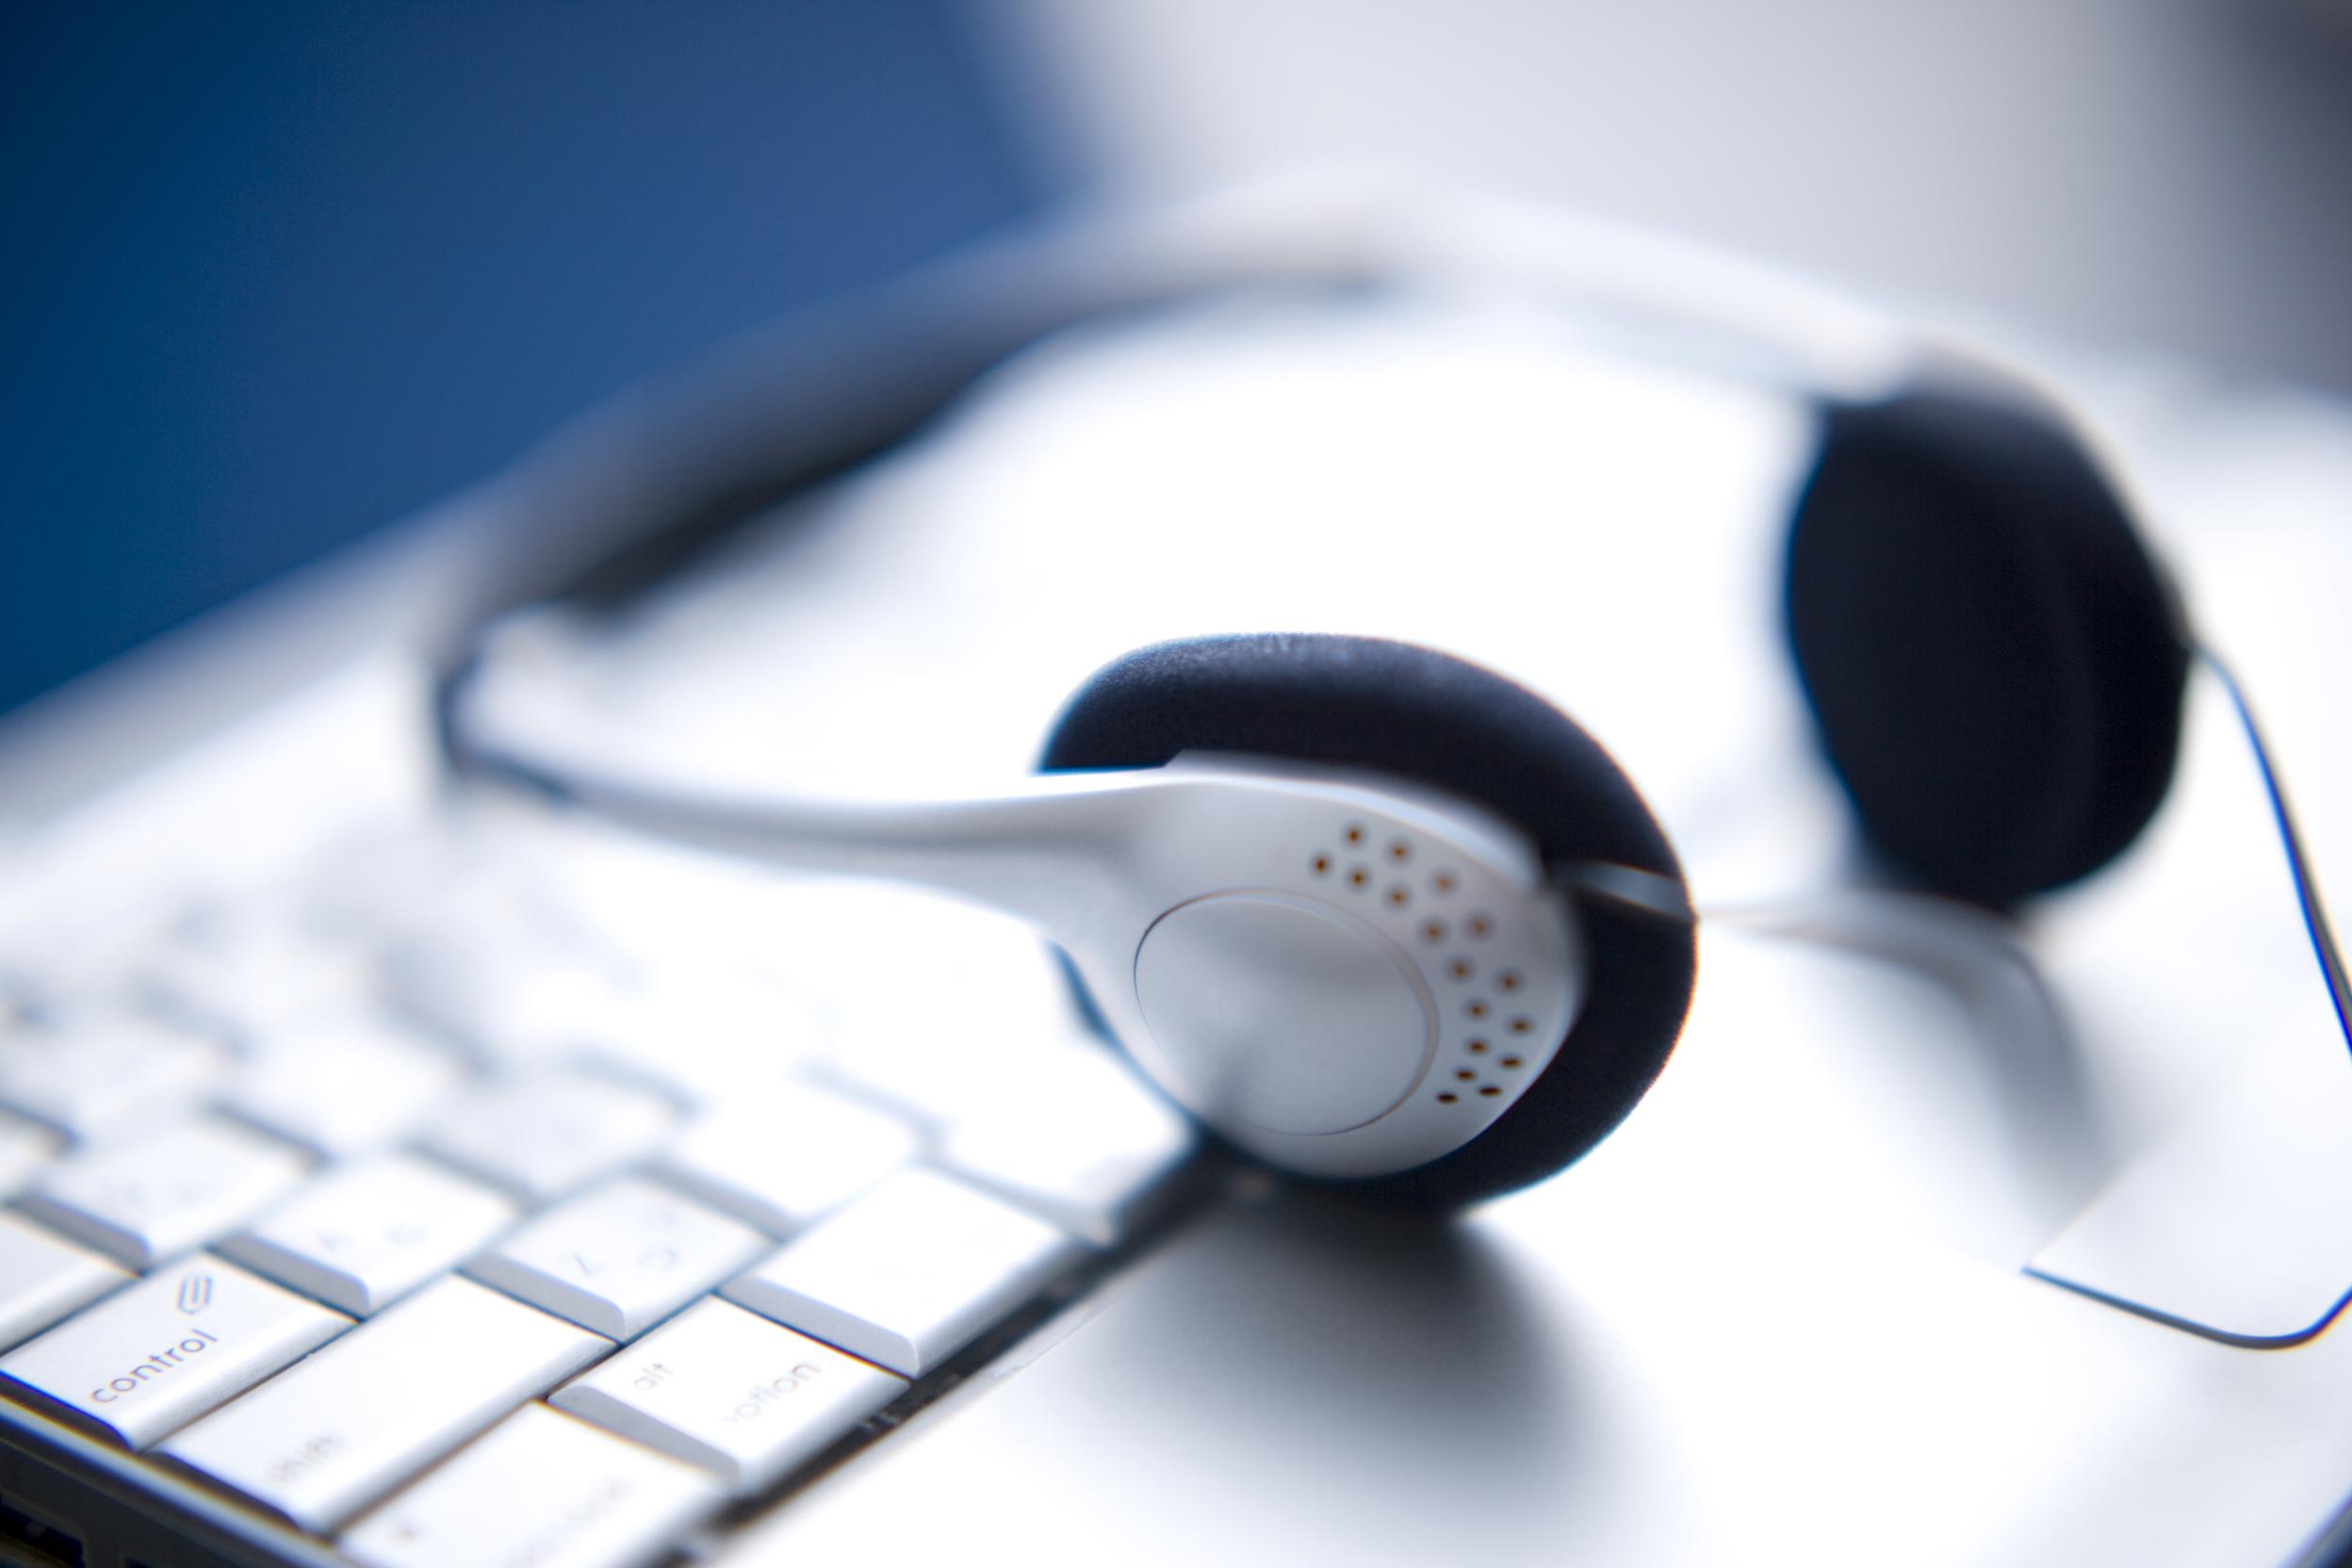 La retranscription audio, un métier prometteur